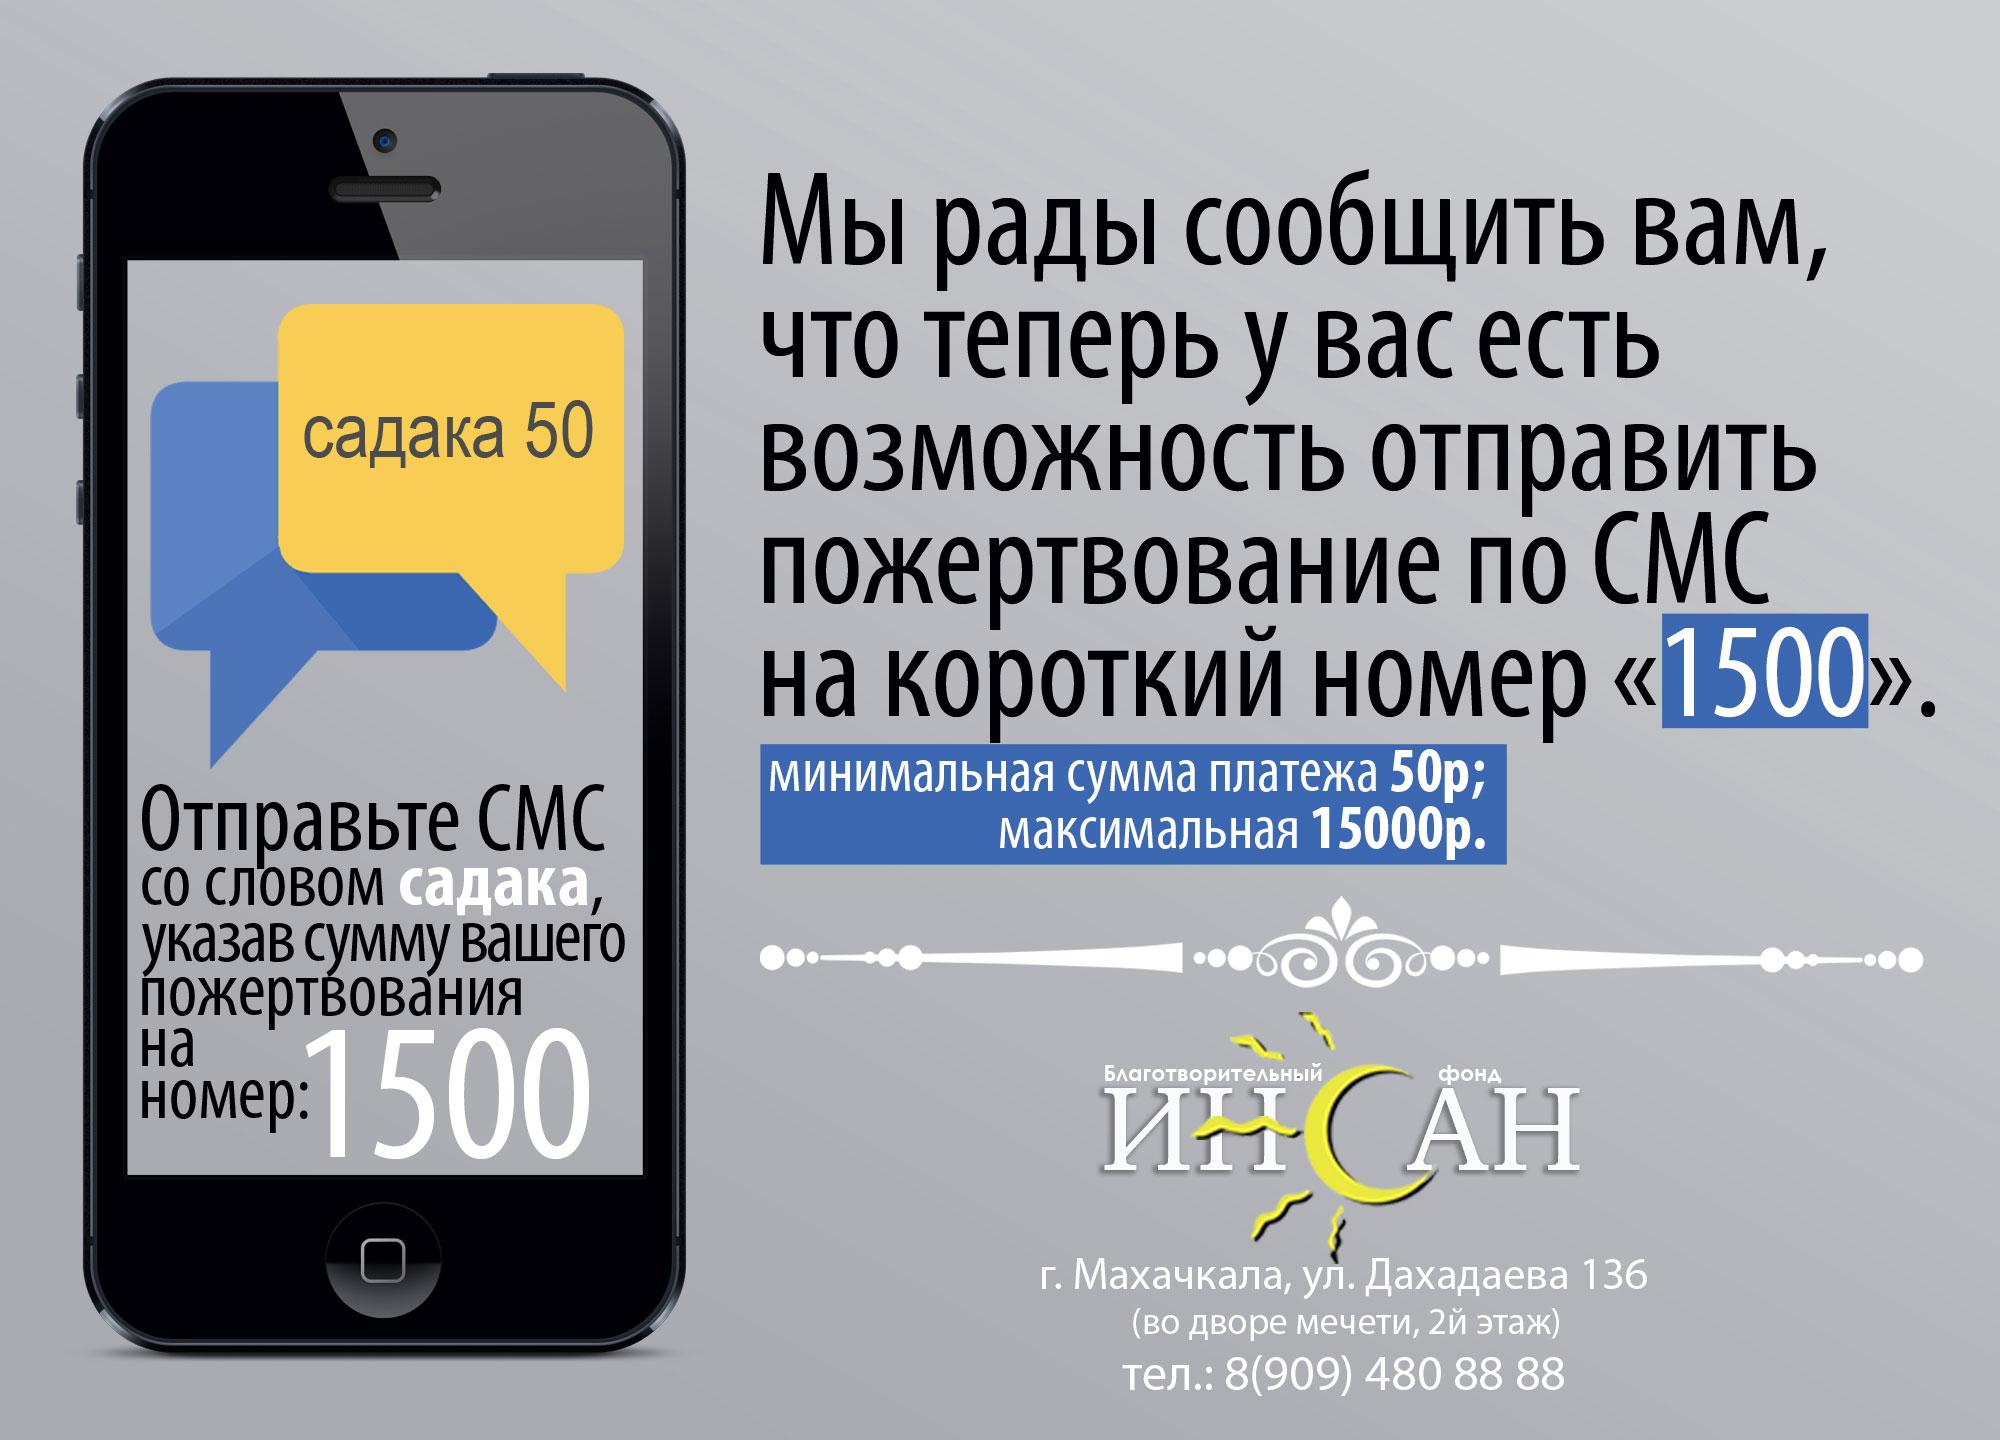 Легкий способ пожертвований - короткий номер 1500! Ислам в Дагестане